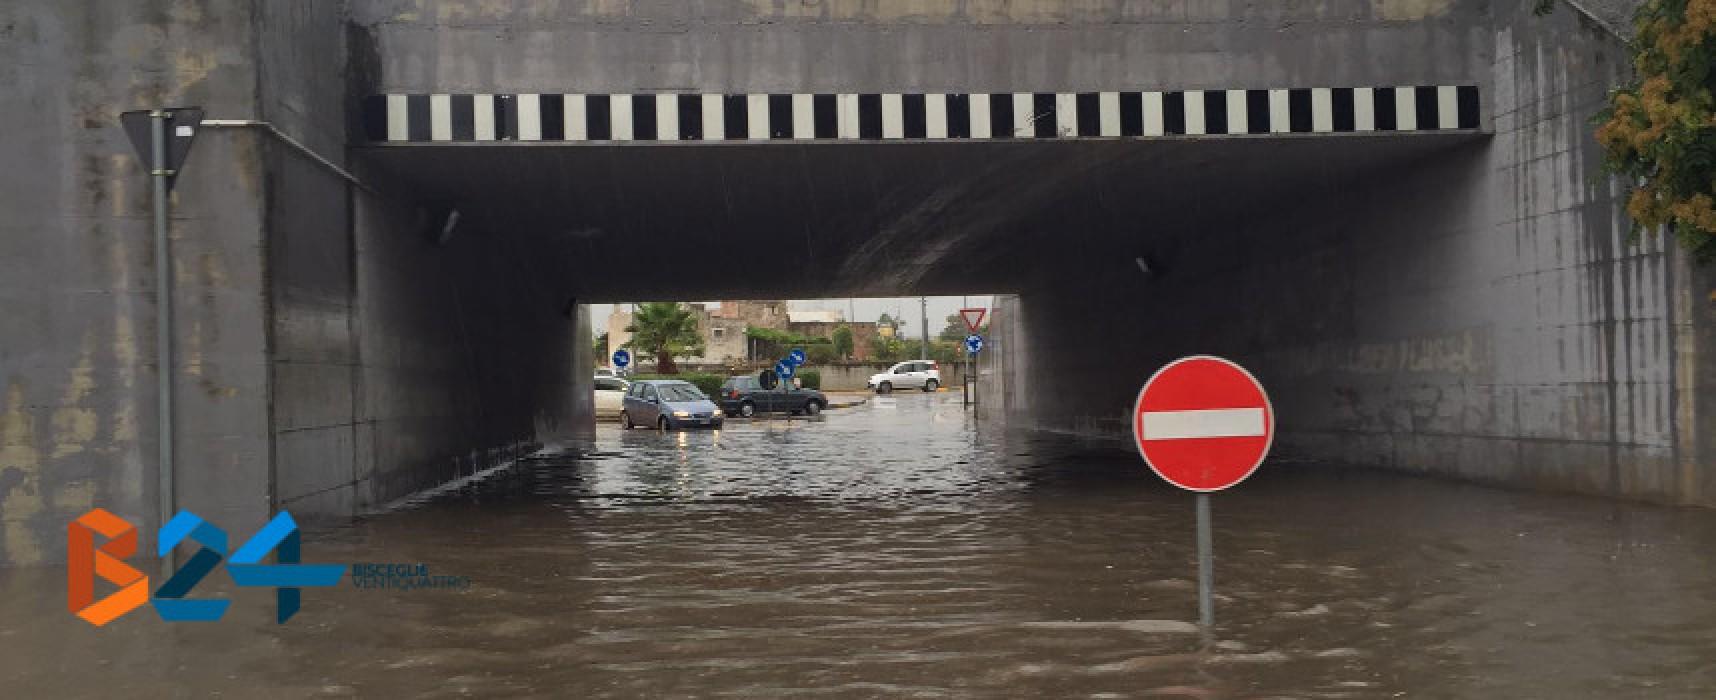 Maltempo su Bisceglie: disagi alla circolazione, ponti e strade allagate /FOTO